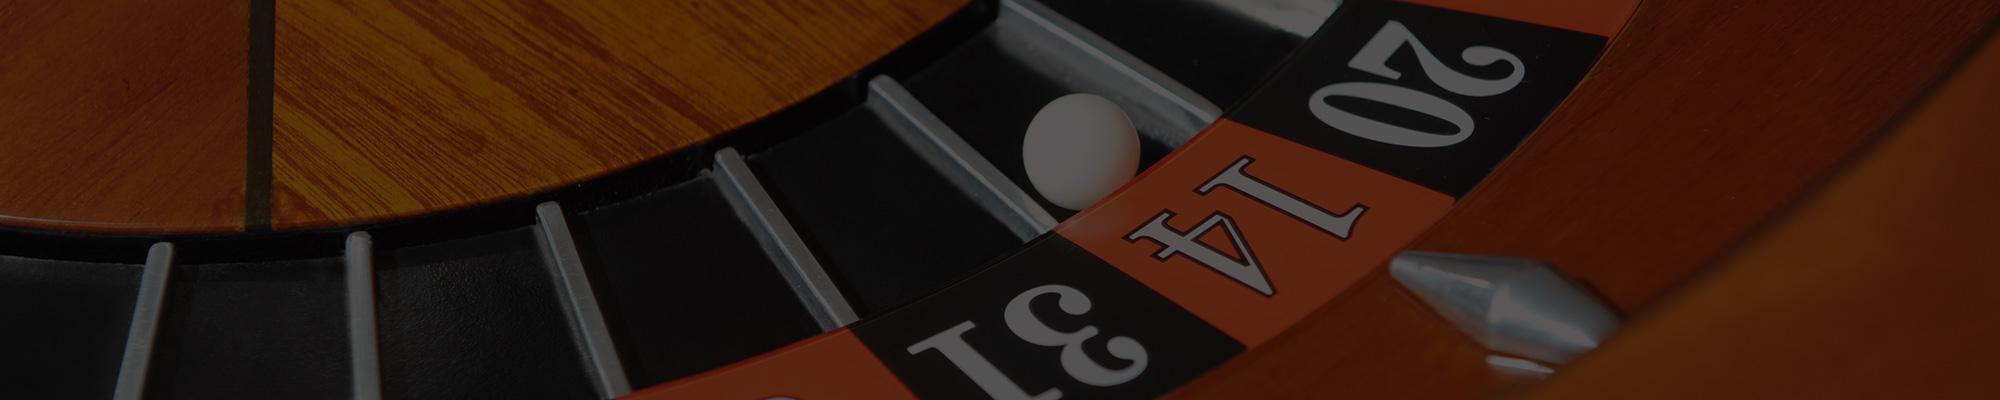 Glasgow Fun Casino Roulette